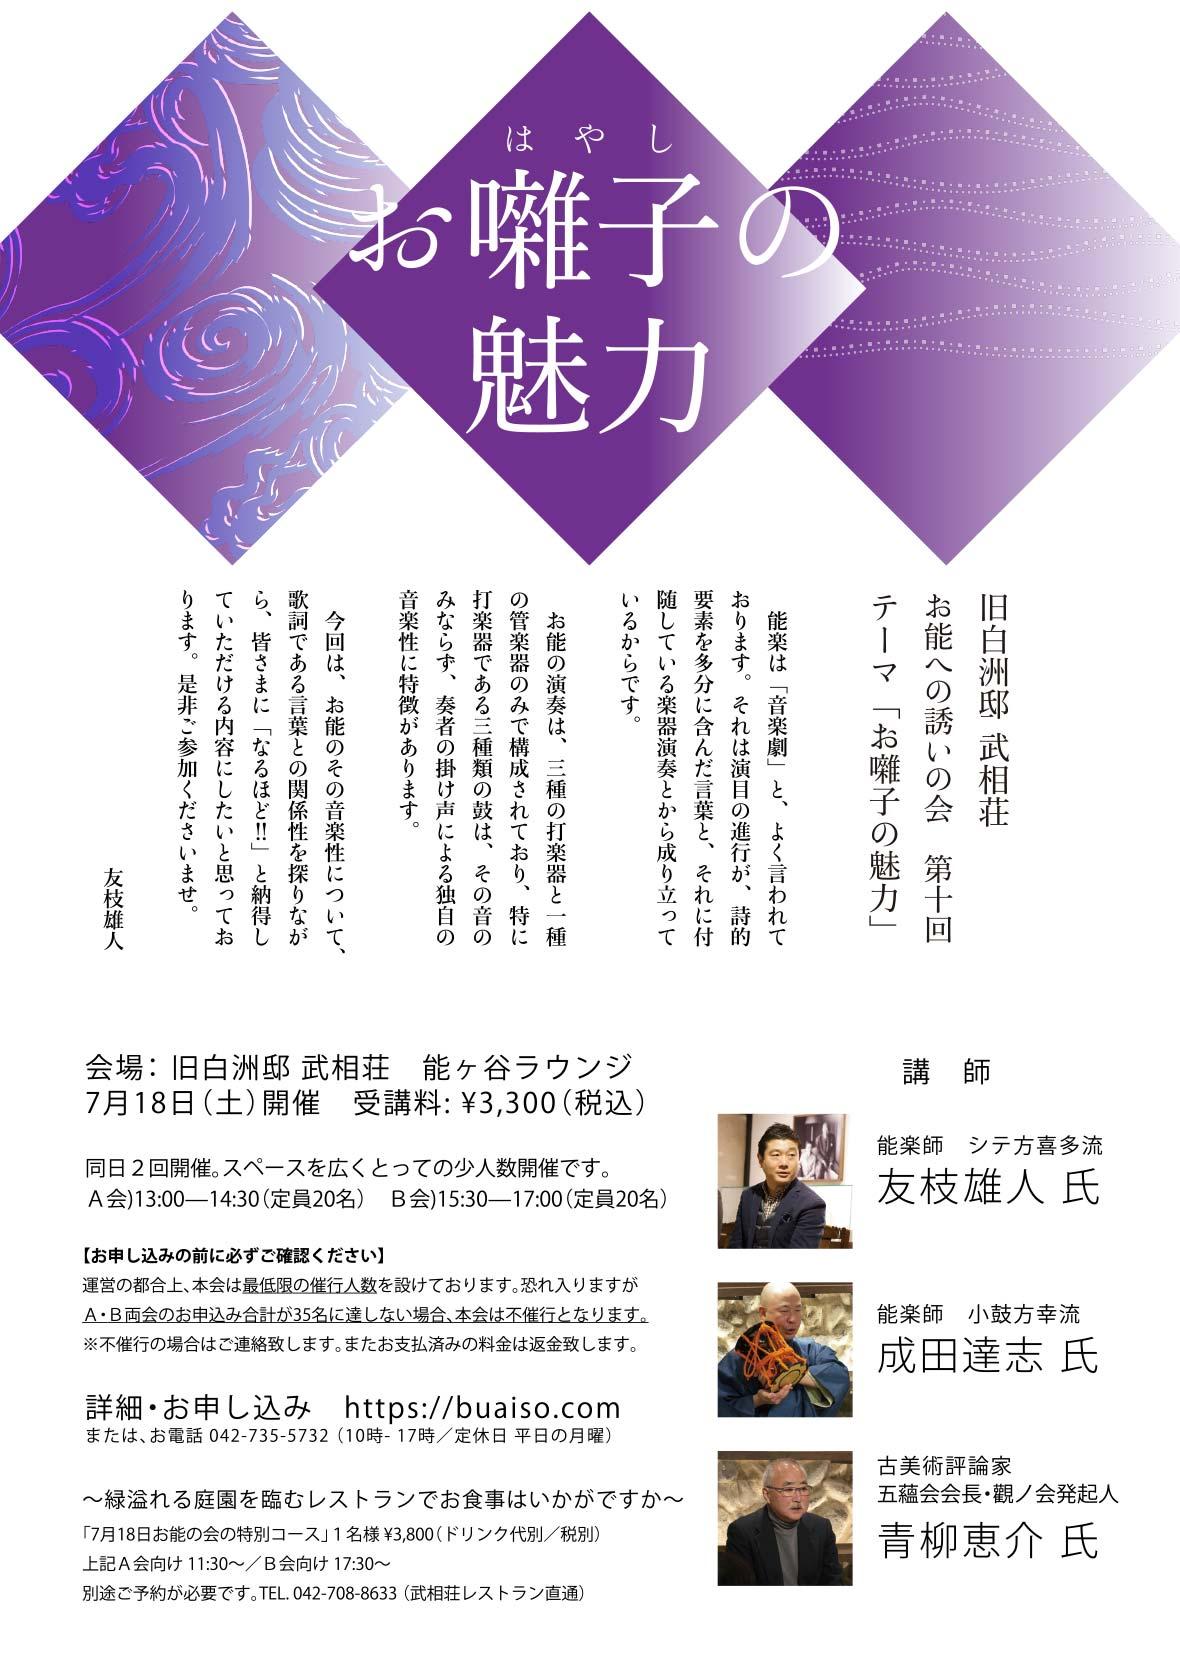 チラシ画像 武相荘お能への誘いの会第10回「お囃子の魅力」